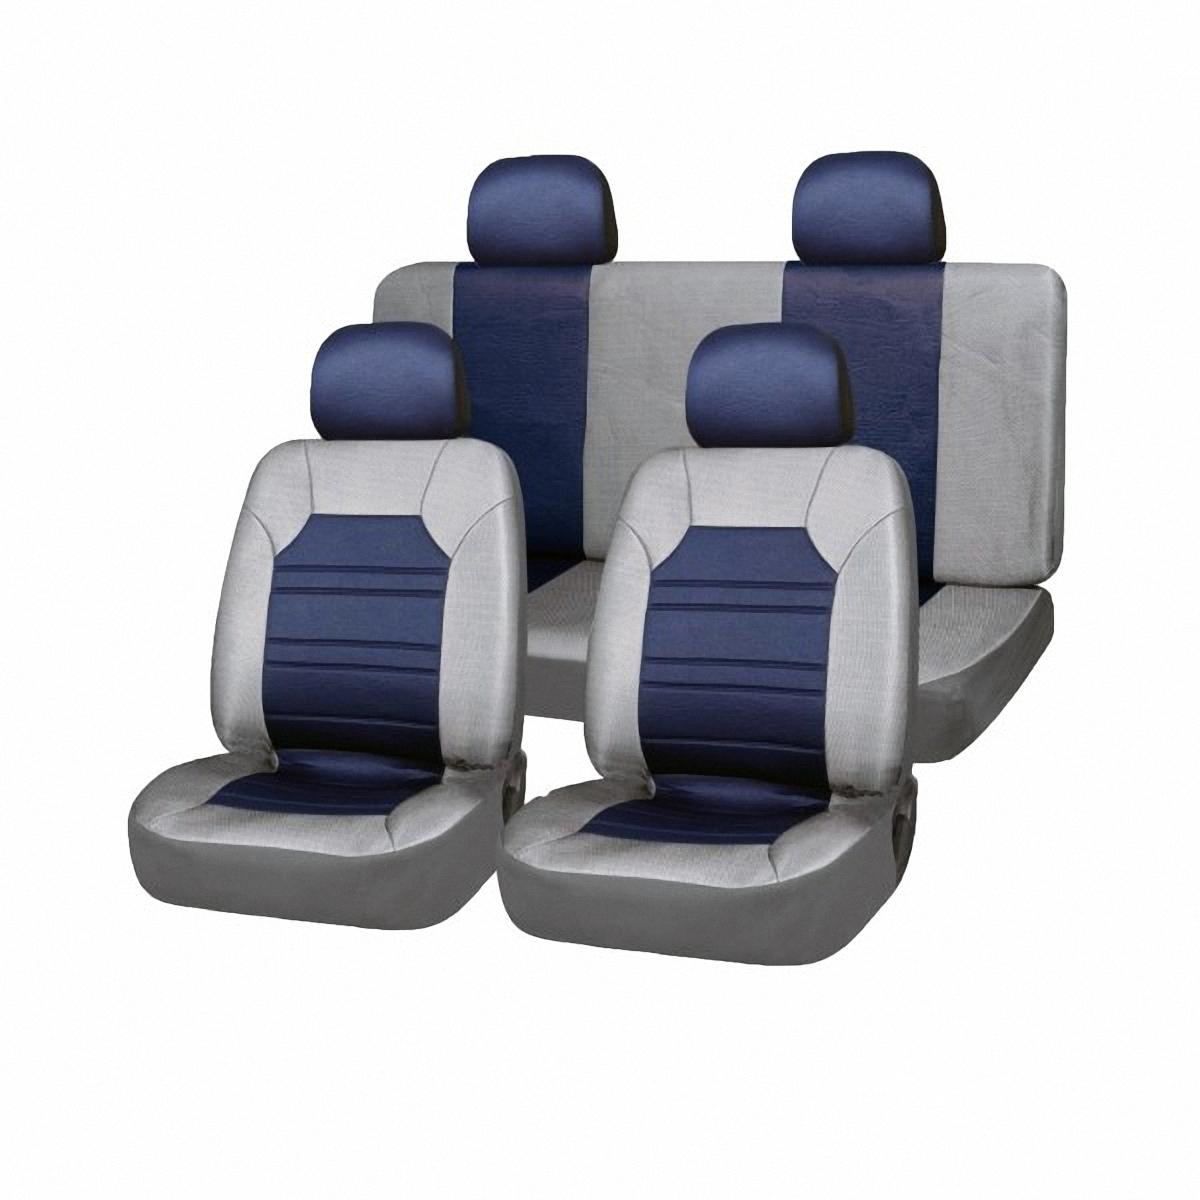 Чехлы автомобильные Skyway. SW-121032 GY/BU S/S01301026SC-FD421005Вам не хватает уюта и комфорта в салоне? Самый лучший способ изменить это – «одеть» ваши сидения в чехлы SKYWAY. Изготовленные из прочного материала они защитят ваш салон от износа и повреждений. Более плотный поролон позволяет чехлам полностью прилегать к сидению автомобиля и меньше растягиваться в процессе использования. Ткань чехлов на сиденья SKYWAY не вытягивается, не истирается, великолепно сохраняет форму, устойчива к световому и тепловому воздействию, а ровные, крепкие швы не разойдутся даже при сильном натяжении.